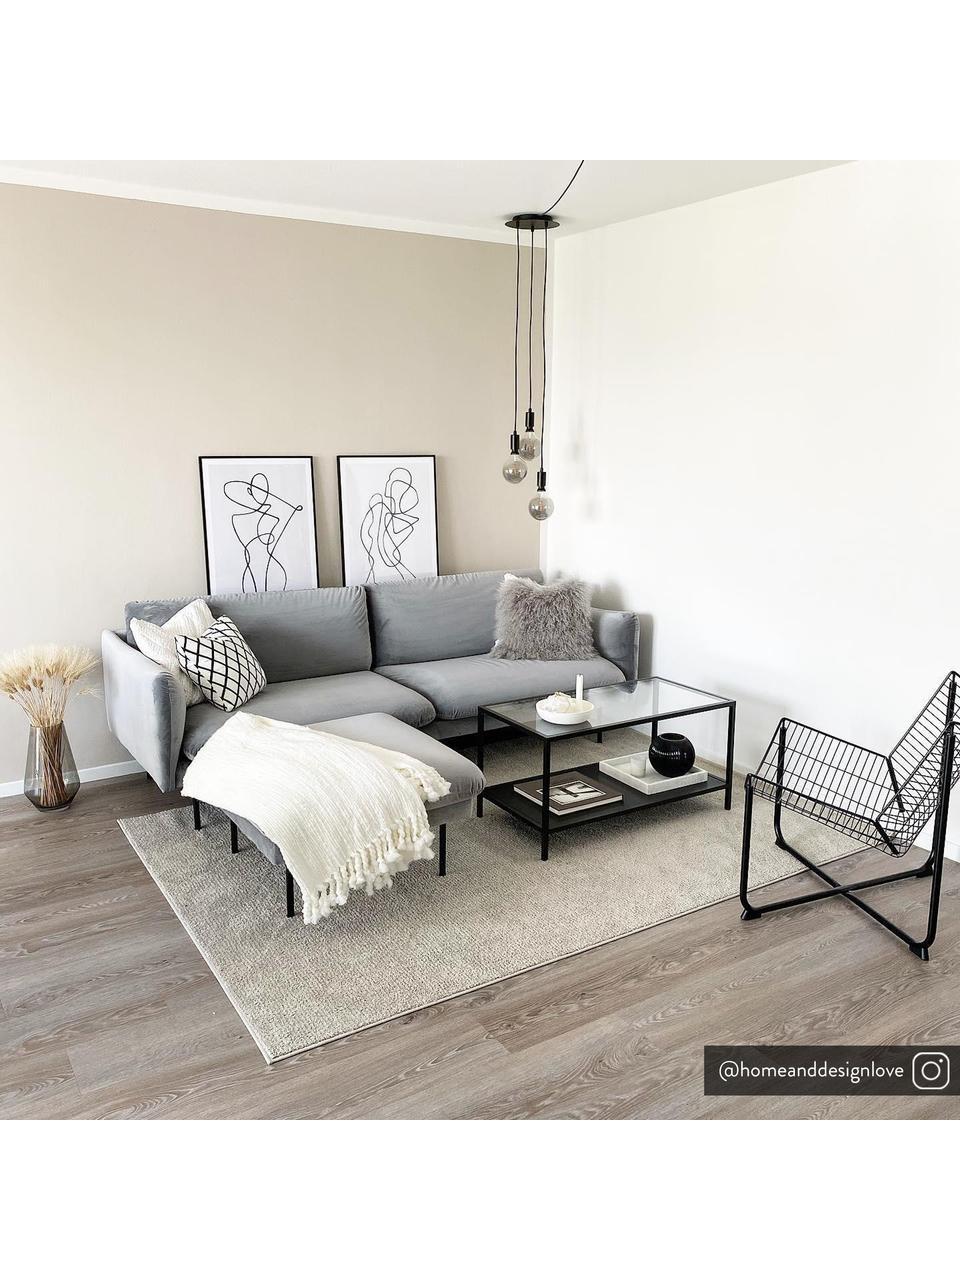 Samt-Sofa Moby (2-Sitzer) in Grau mit Metall-Füßen, Bezug: Samt (Hochwertiger Polyes, Gestell: Massives Kiefernholz, Füße: Metall, pulverbeschichtet, Samt Grau, B 170 x T 95 cm